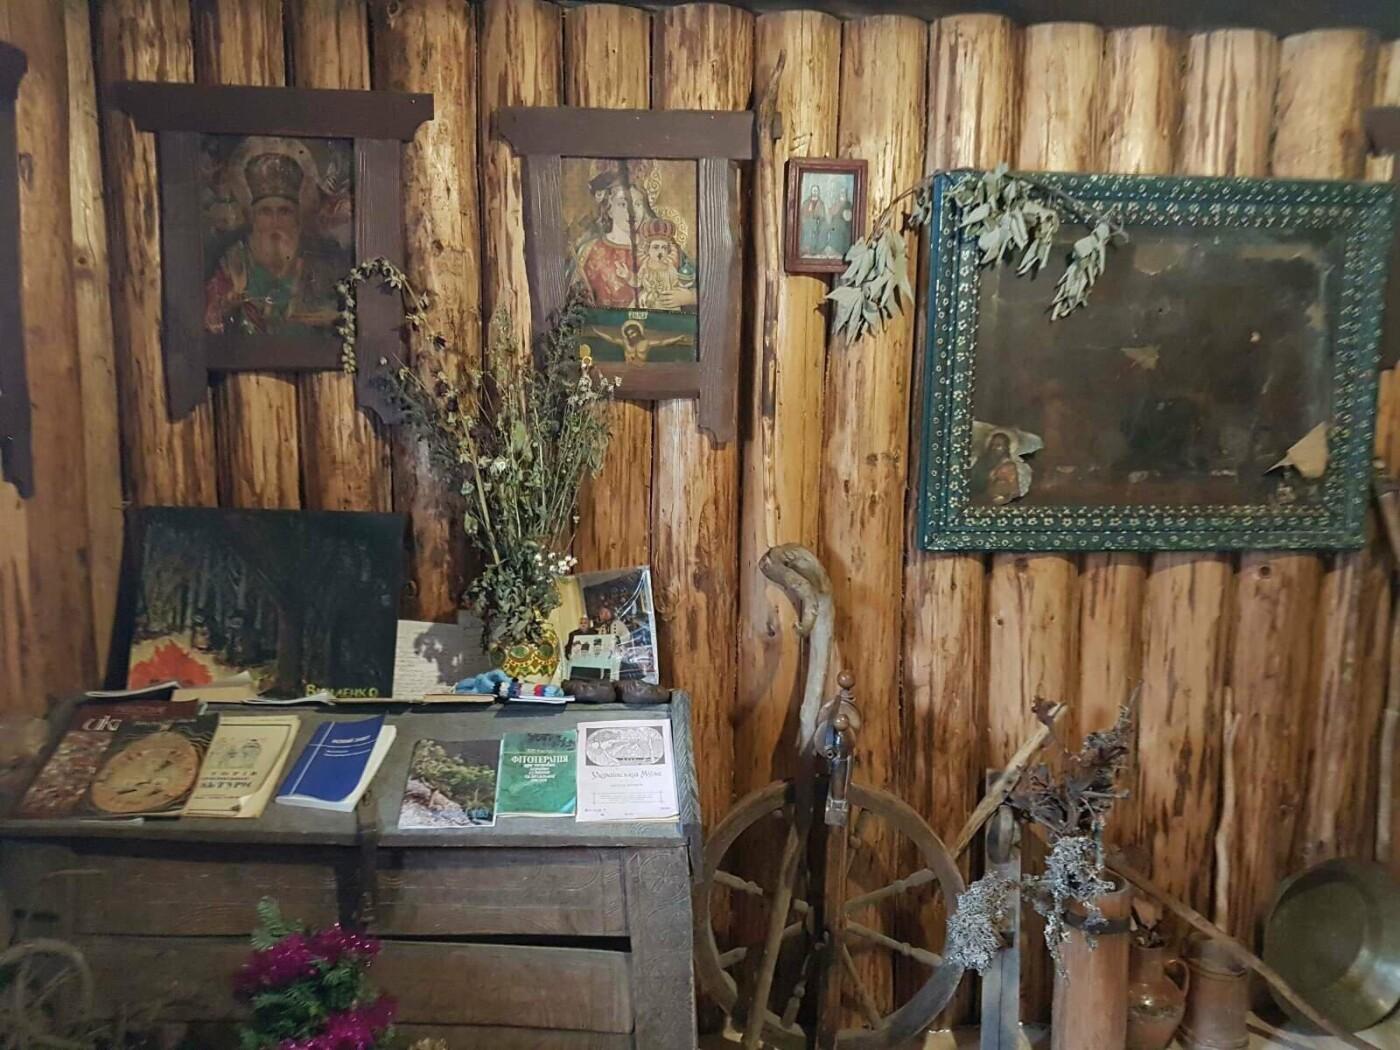 Турагентство «Vиктория» приглашает лозовчан отдохнуть в незабываемой Шри-Ланке и посетить Рождественскую сказку в Яремче, фото-34